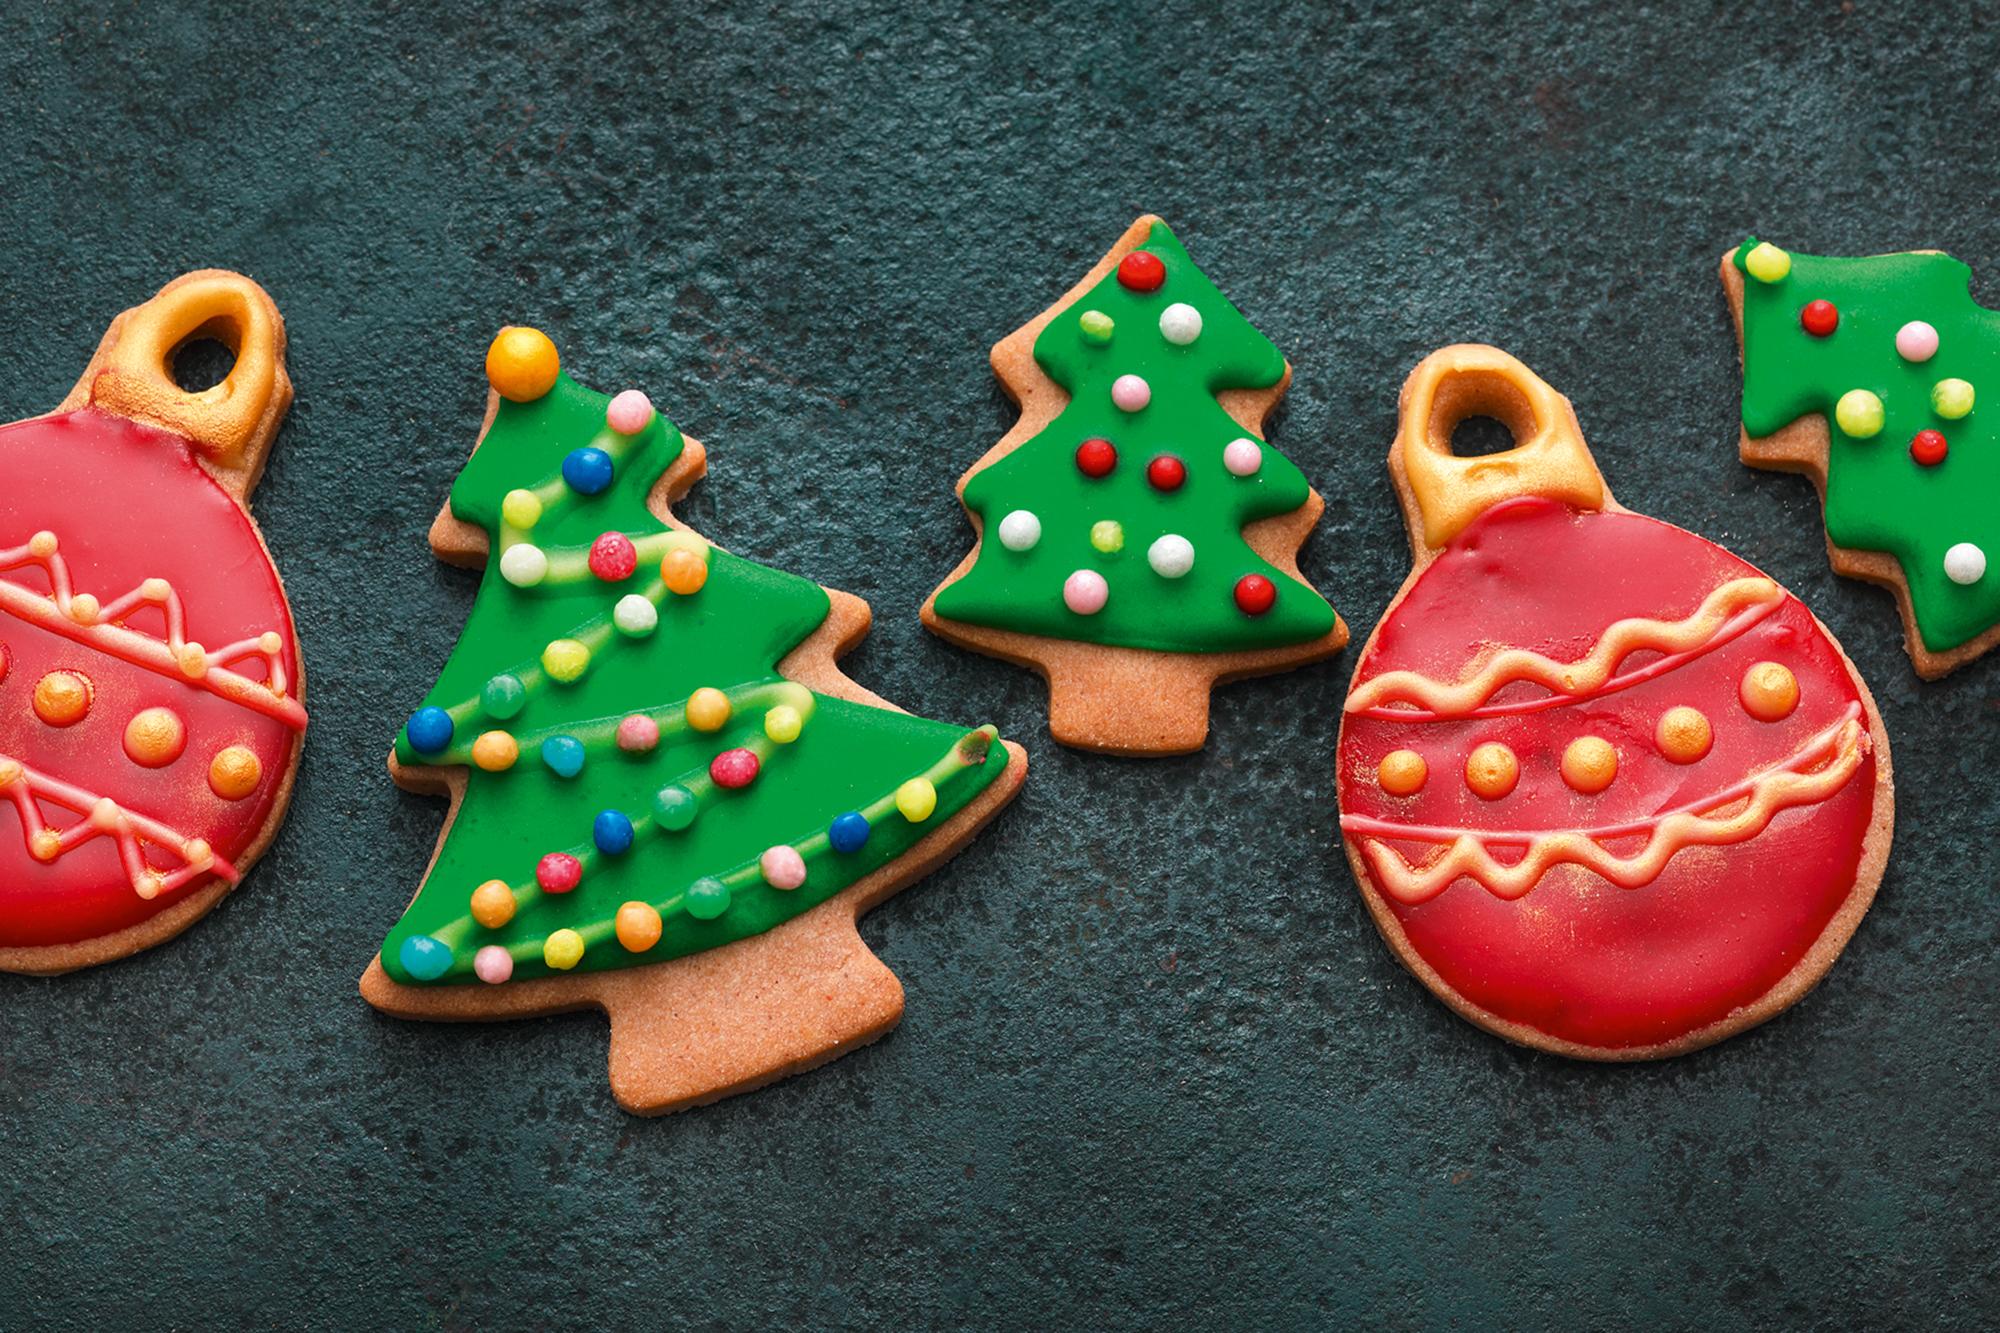 ¿Cómo preparar galletas navideñas con los niños?